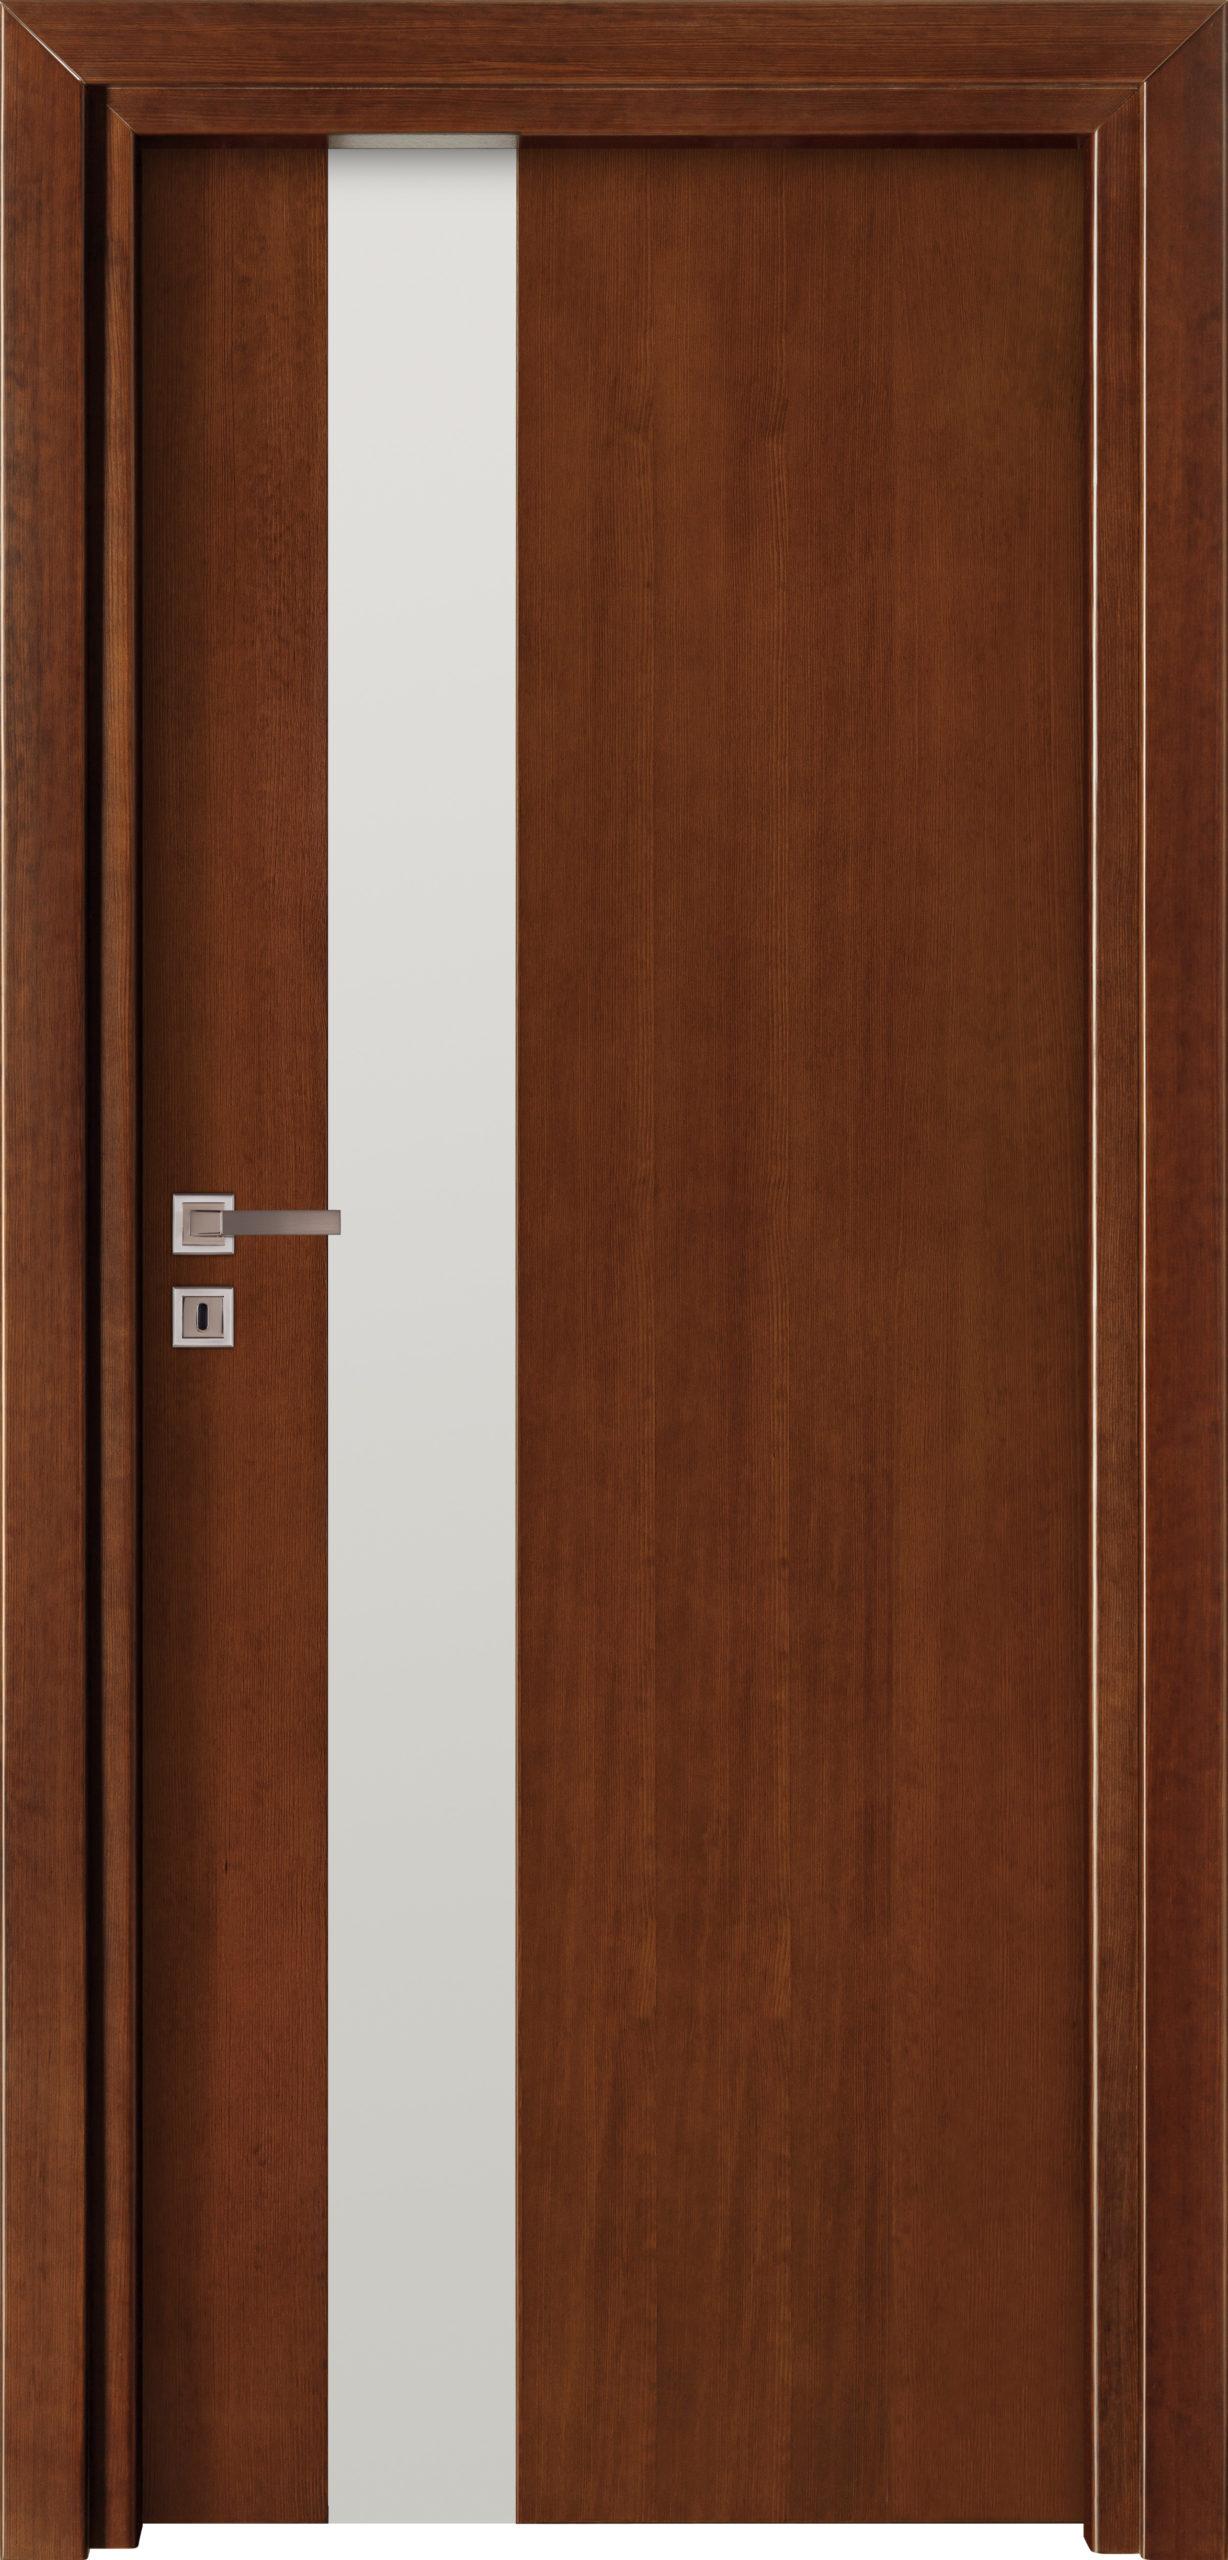 Focus A5 - jesion - ciemny calvados - szklenie lacomat bezpieczny - ościeżnica przylgowa regulowana drewniana prosta (IIa)